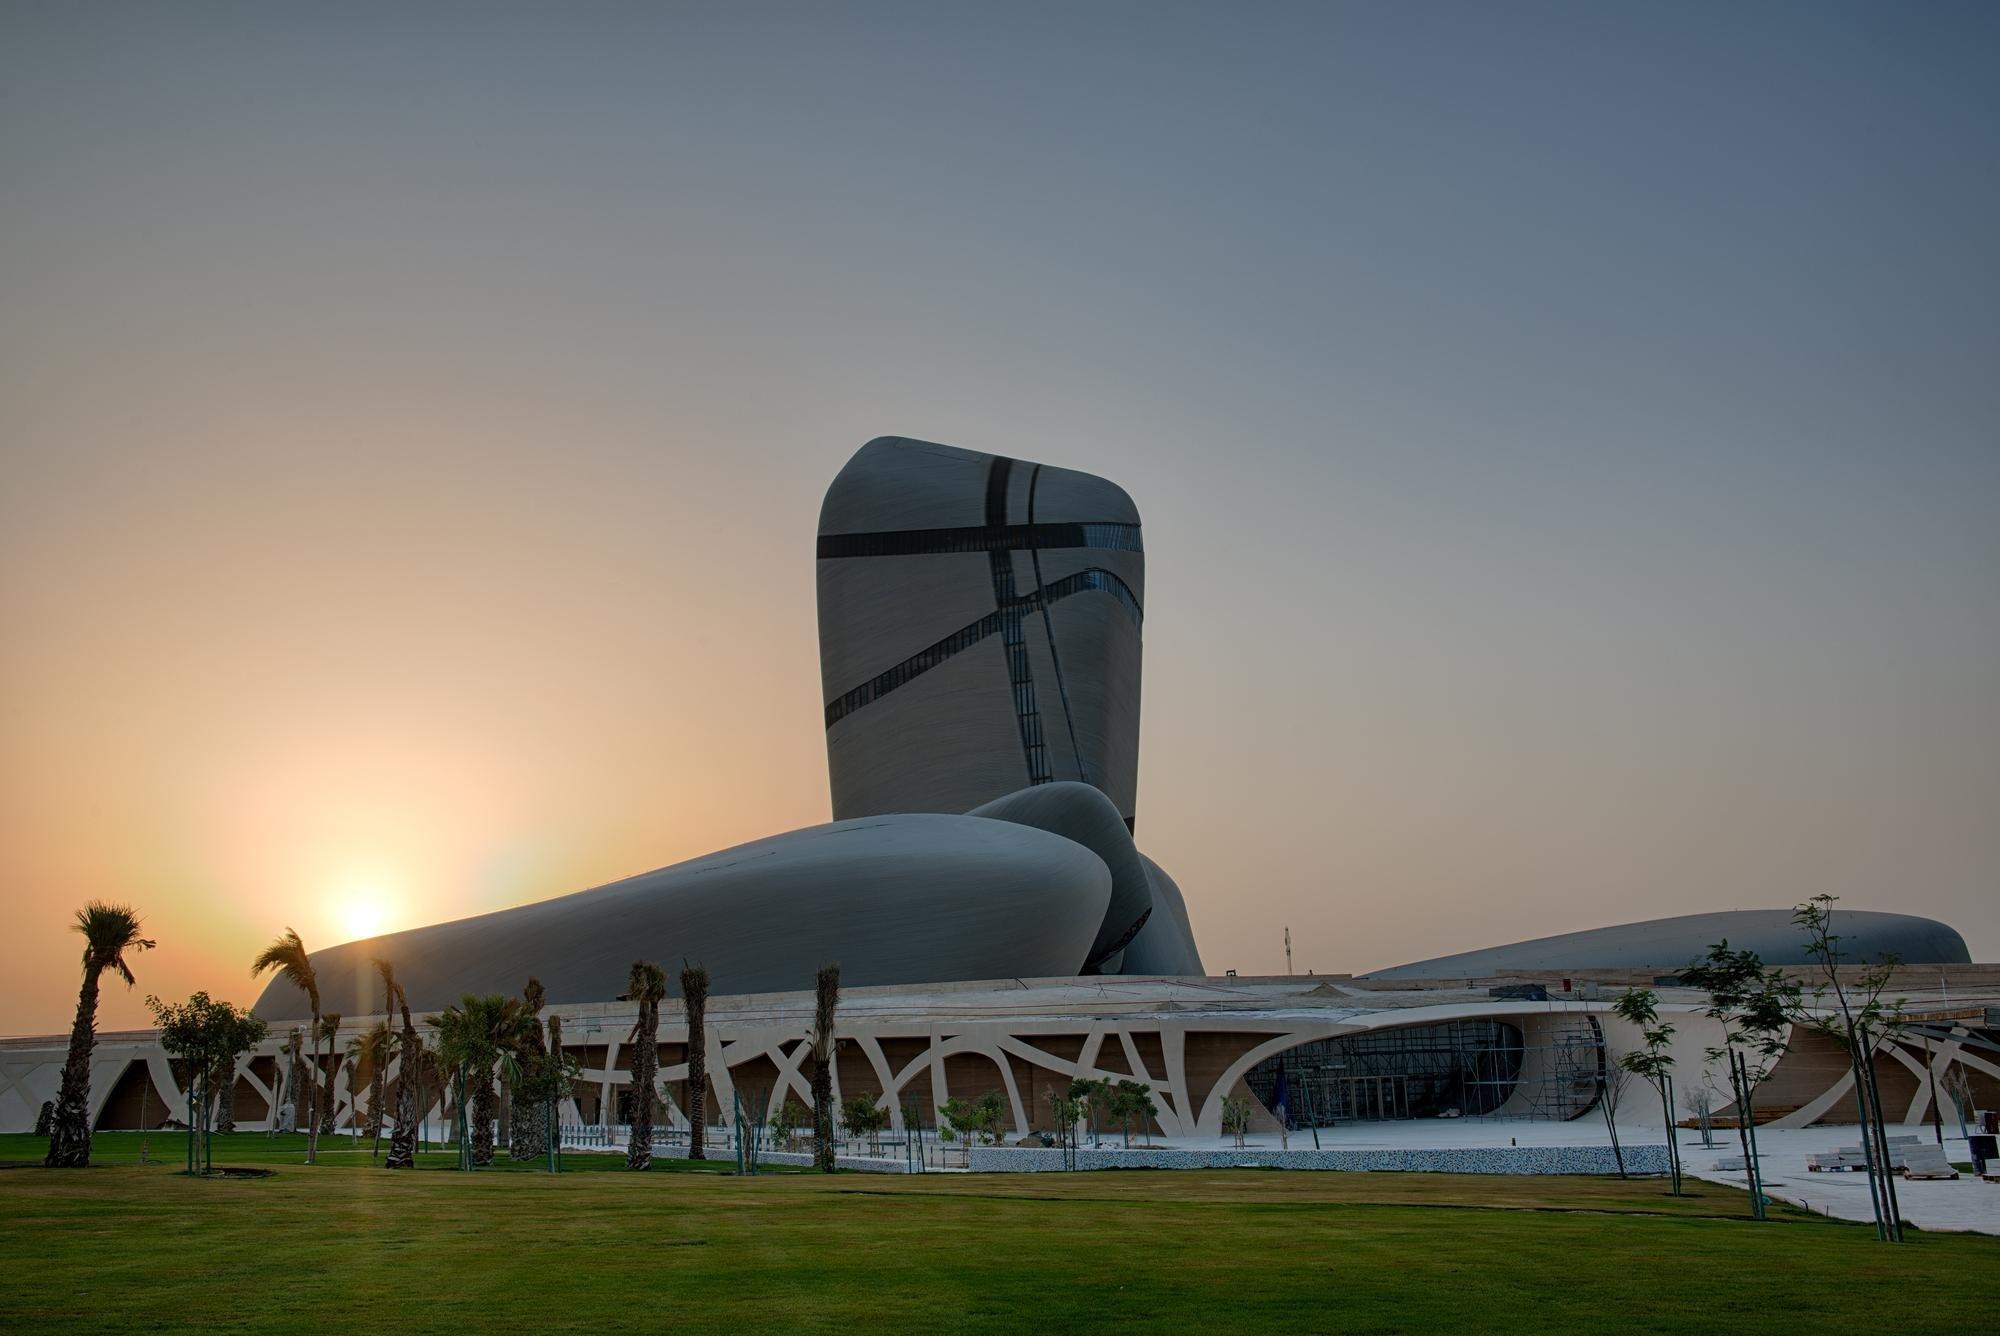 السياحة في السعودية 10 اماكن سياحية في الدمام زوريها لقضاء عطلة ممي زة